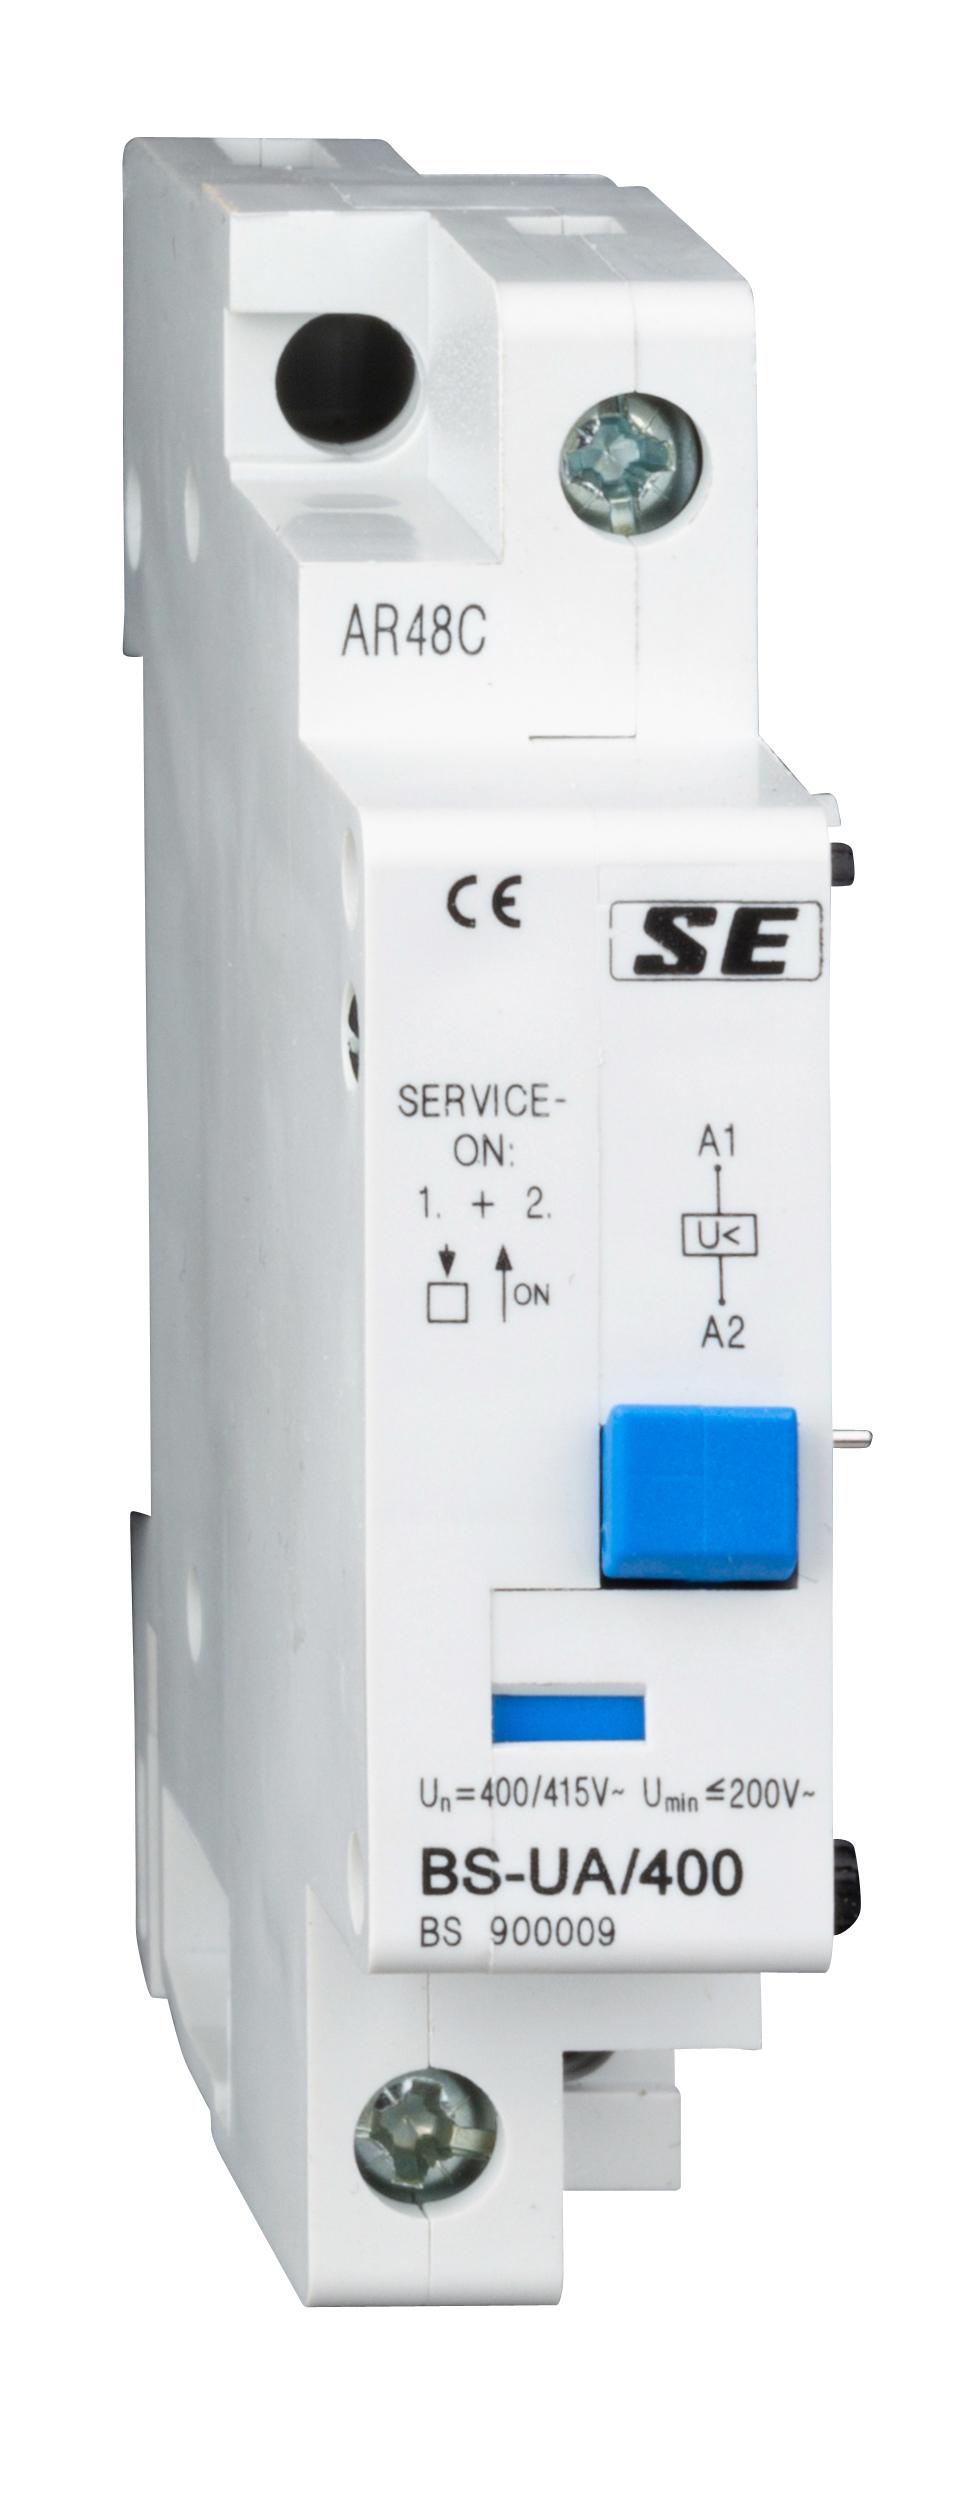 1 Stk Unterspannungsauslöser BS-UA unverzögert, 400V AC BS900009--